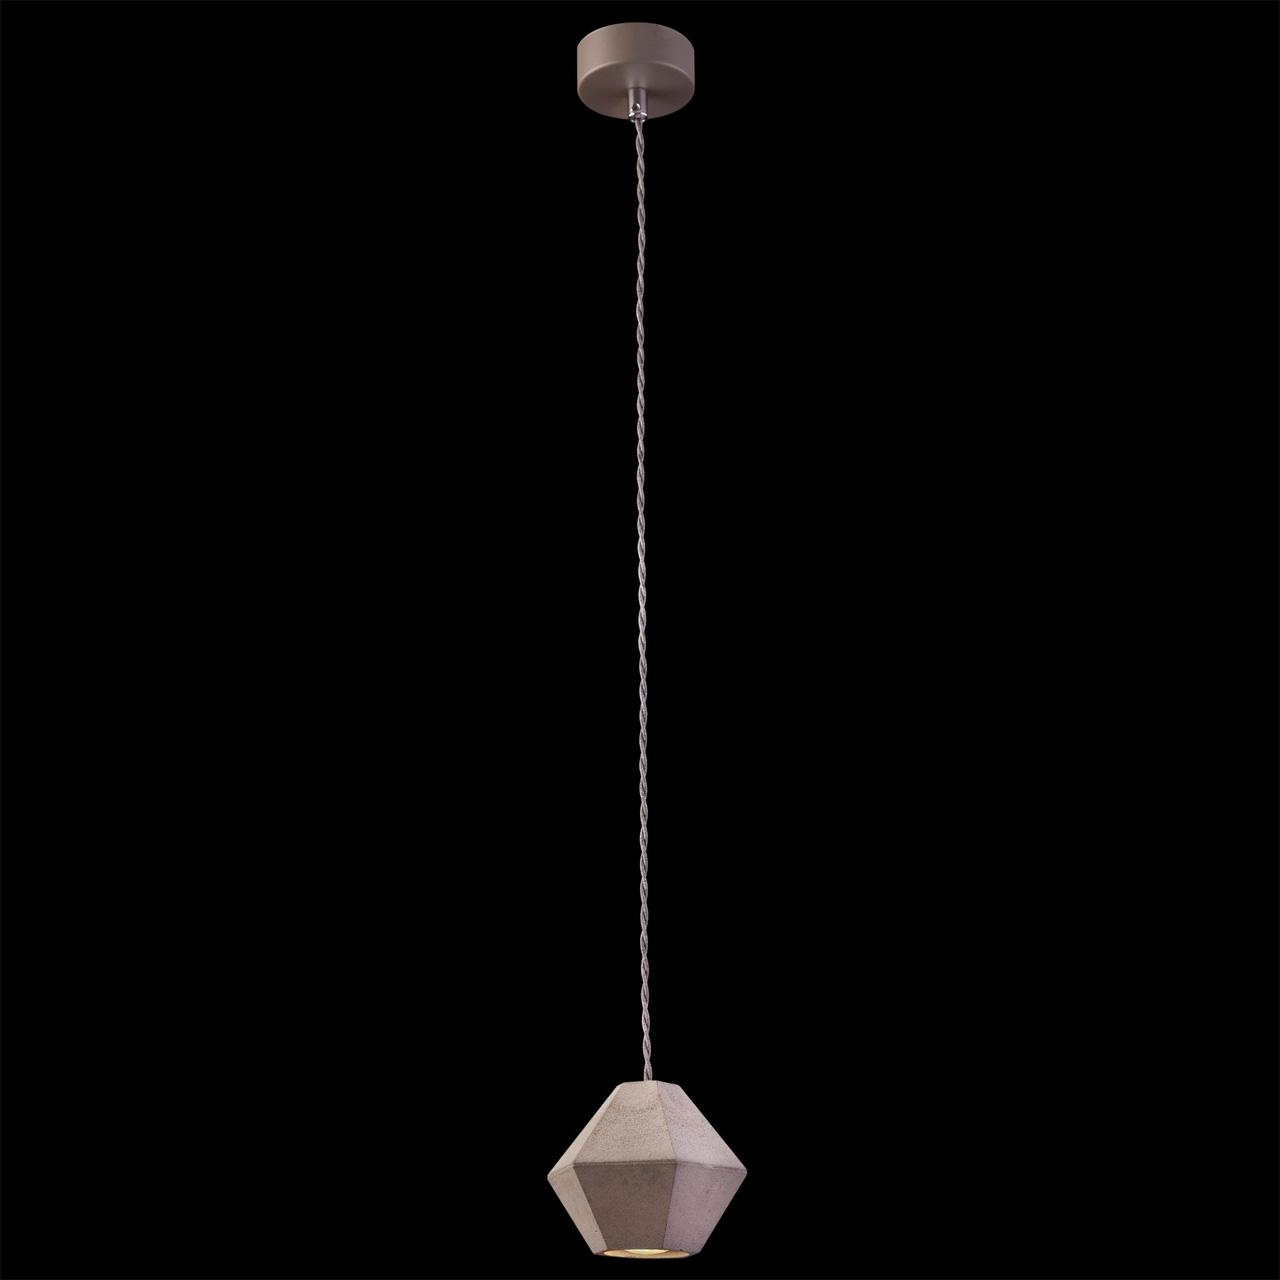 цена на Настенно-потолочный светильник Nowodvorski, GU10, 35 Вт